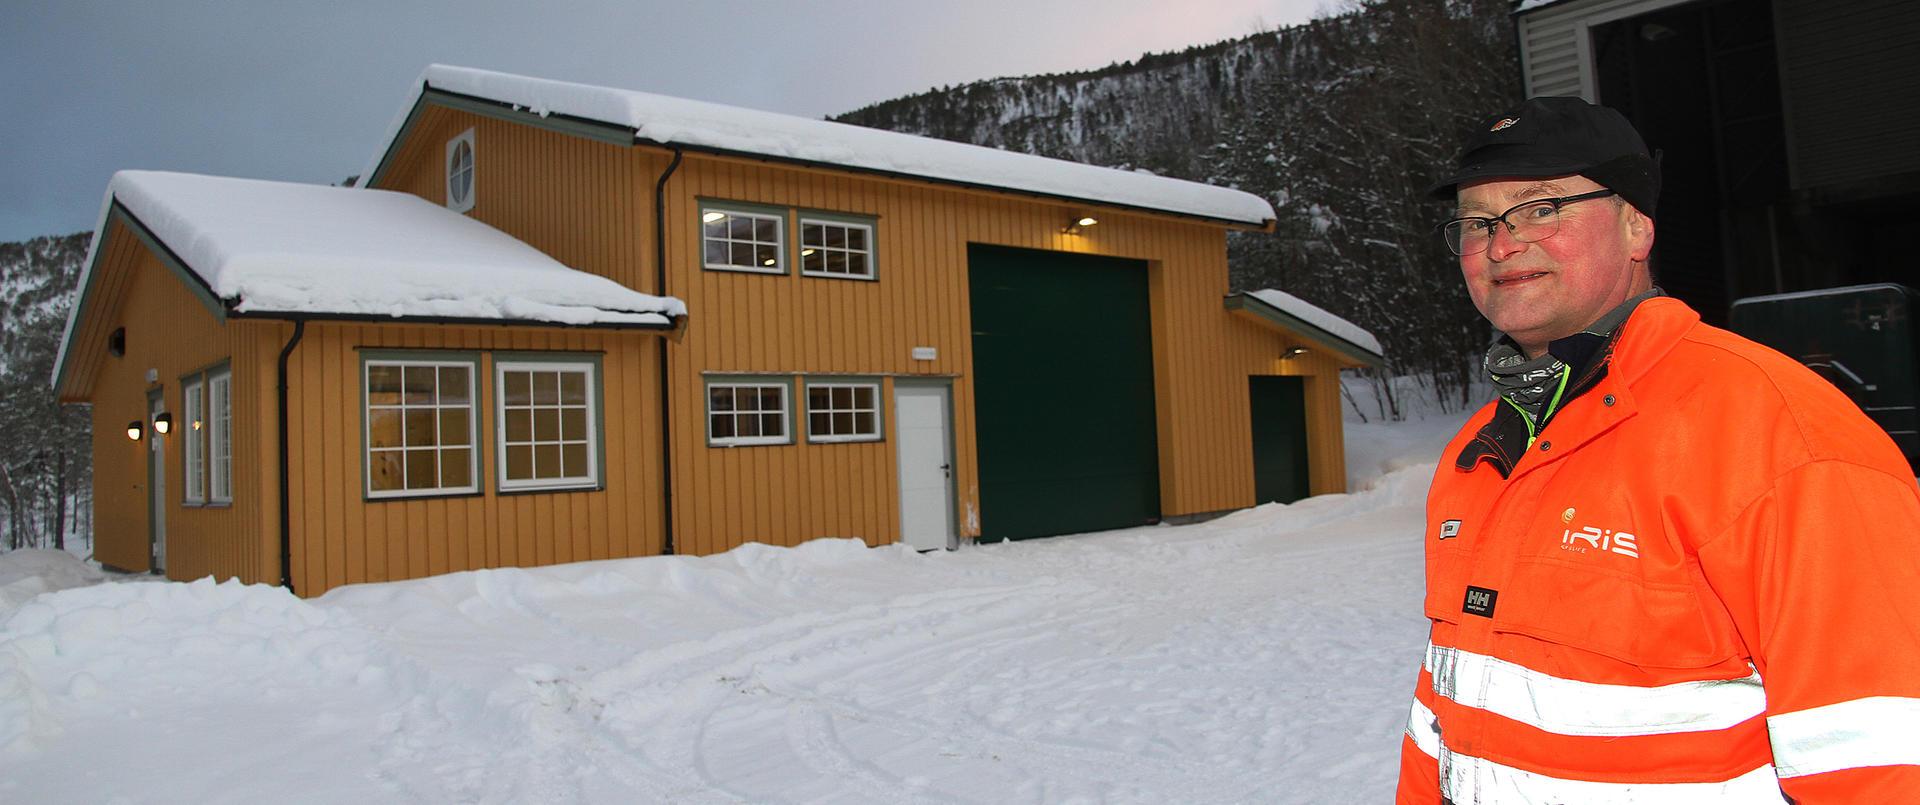 Bård Olsen er fornøyd med det nye bygget.